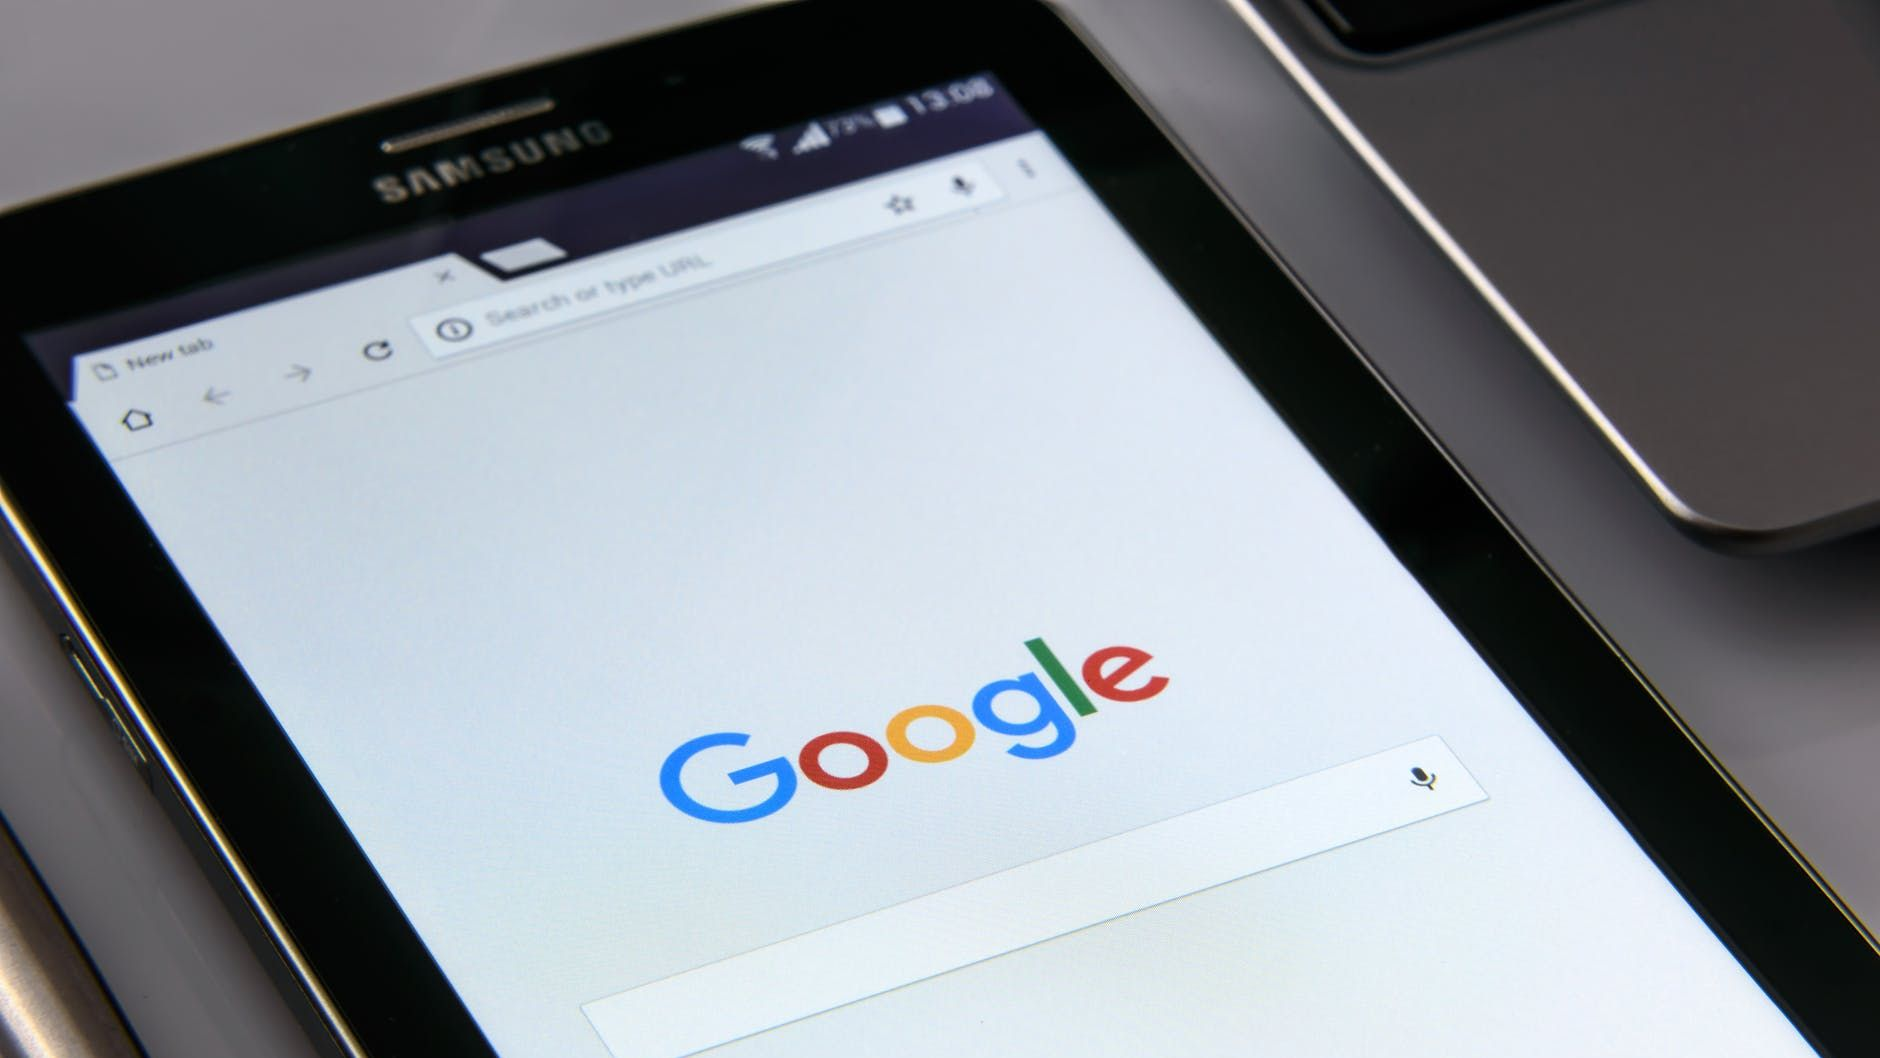 グーグル・フォトでトラブル、バックアップに第三者の動画が混入